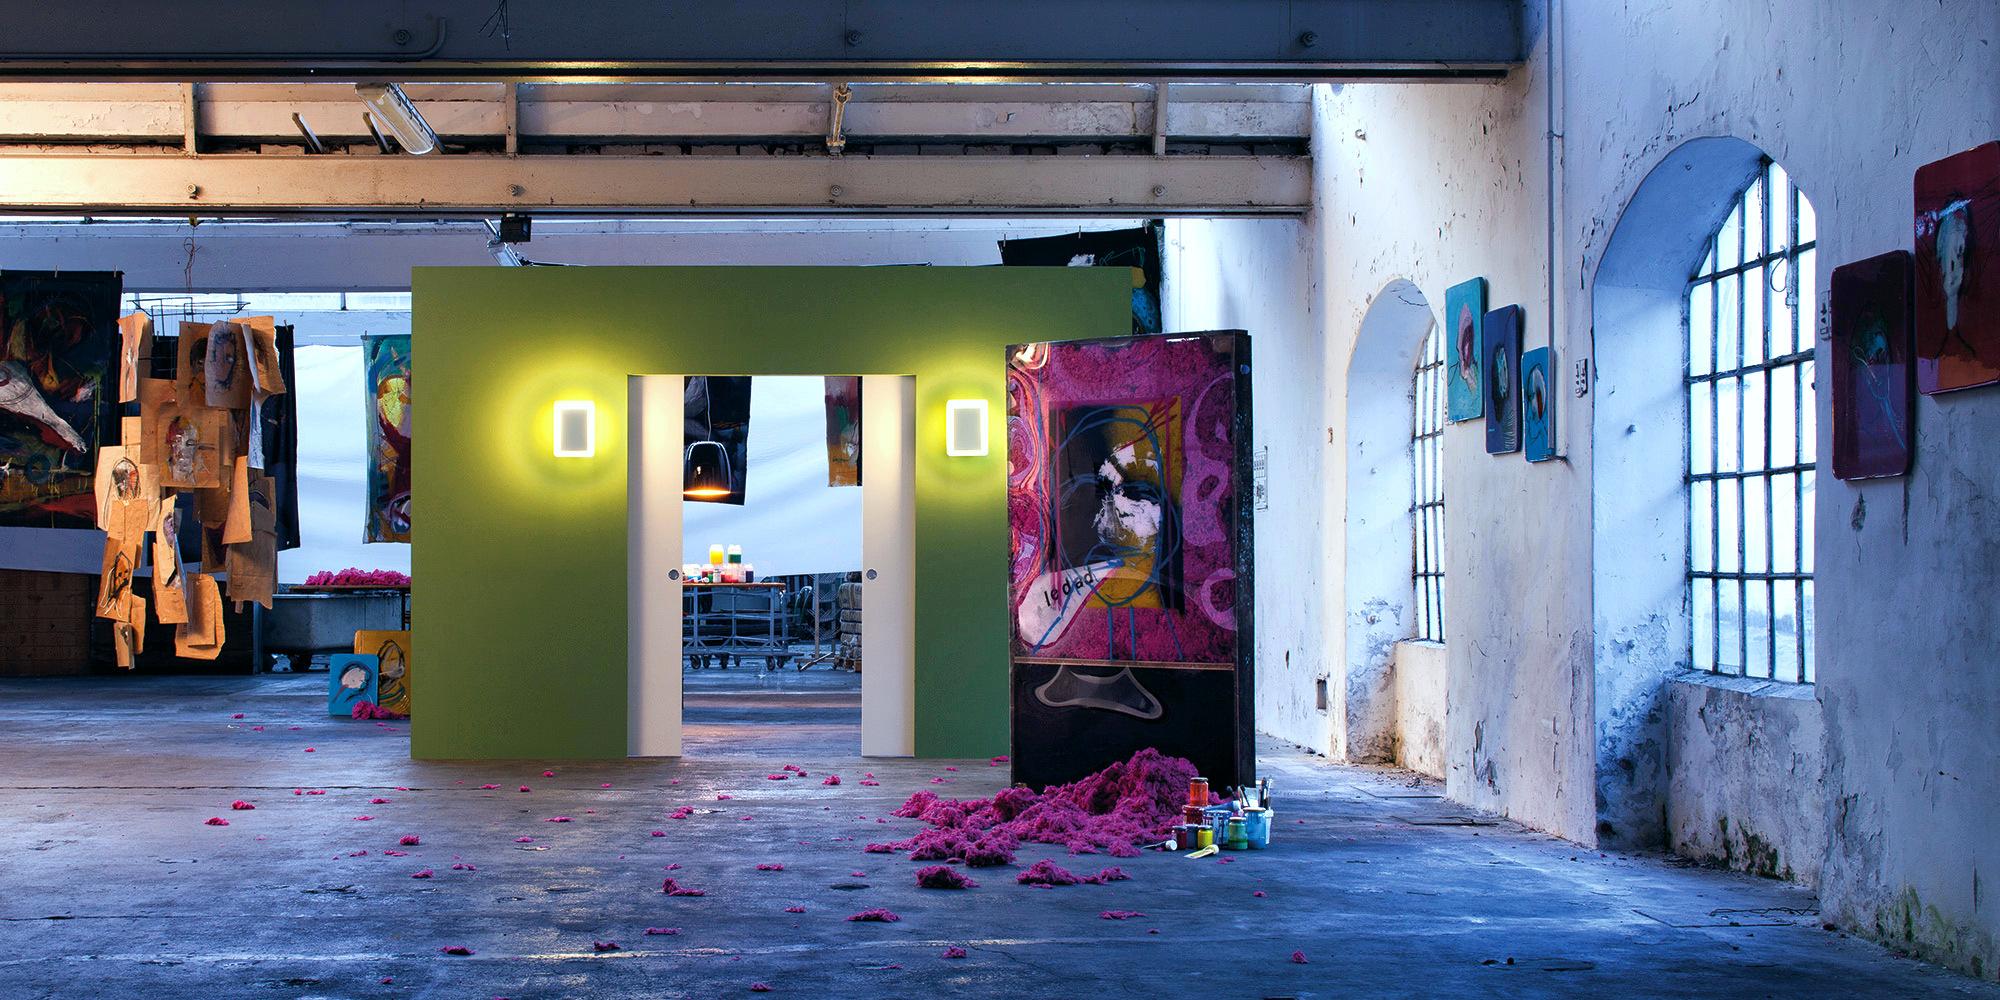 Garage Metal Castorama Meilleur De Galerie Garage Metal Castorama Luxe Castorama Etagere élégant Etagere Cave